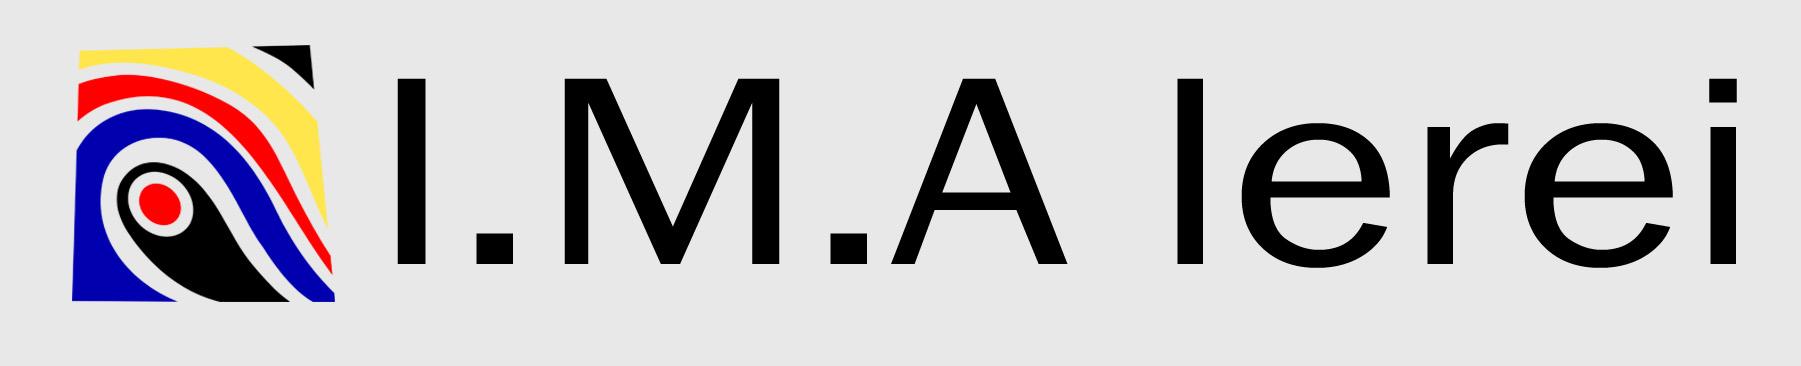 I.M.A lerei